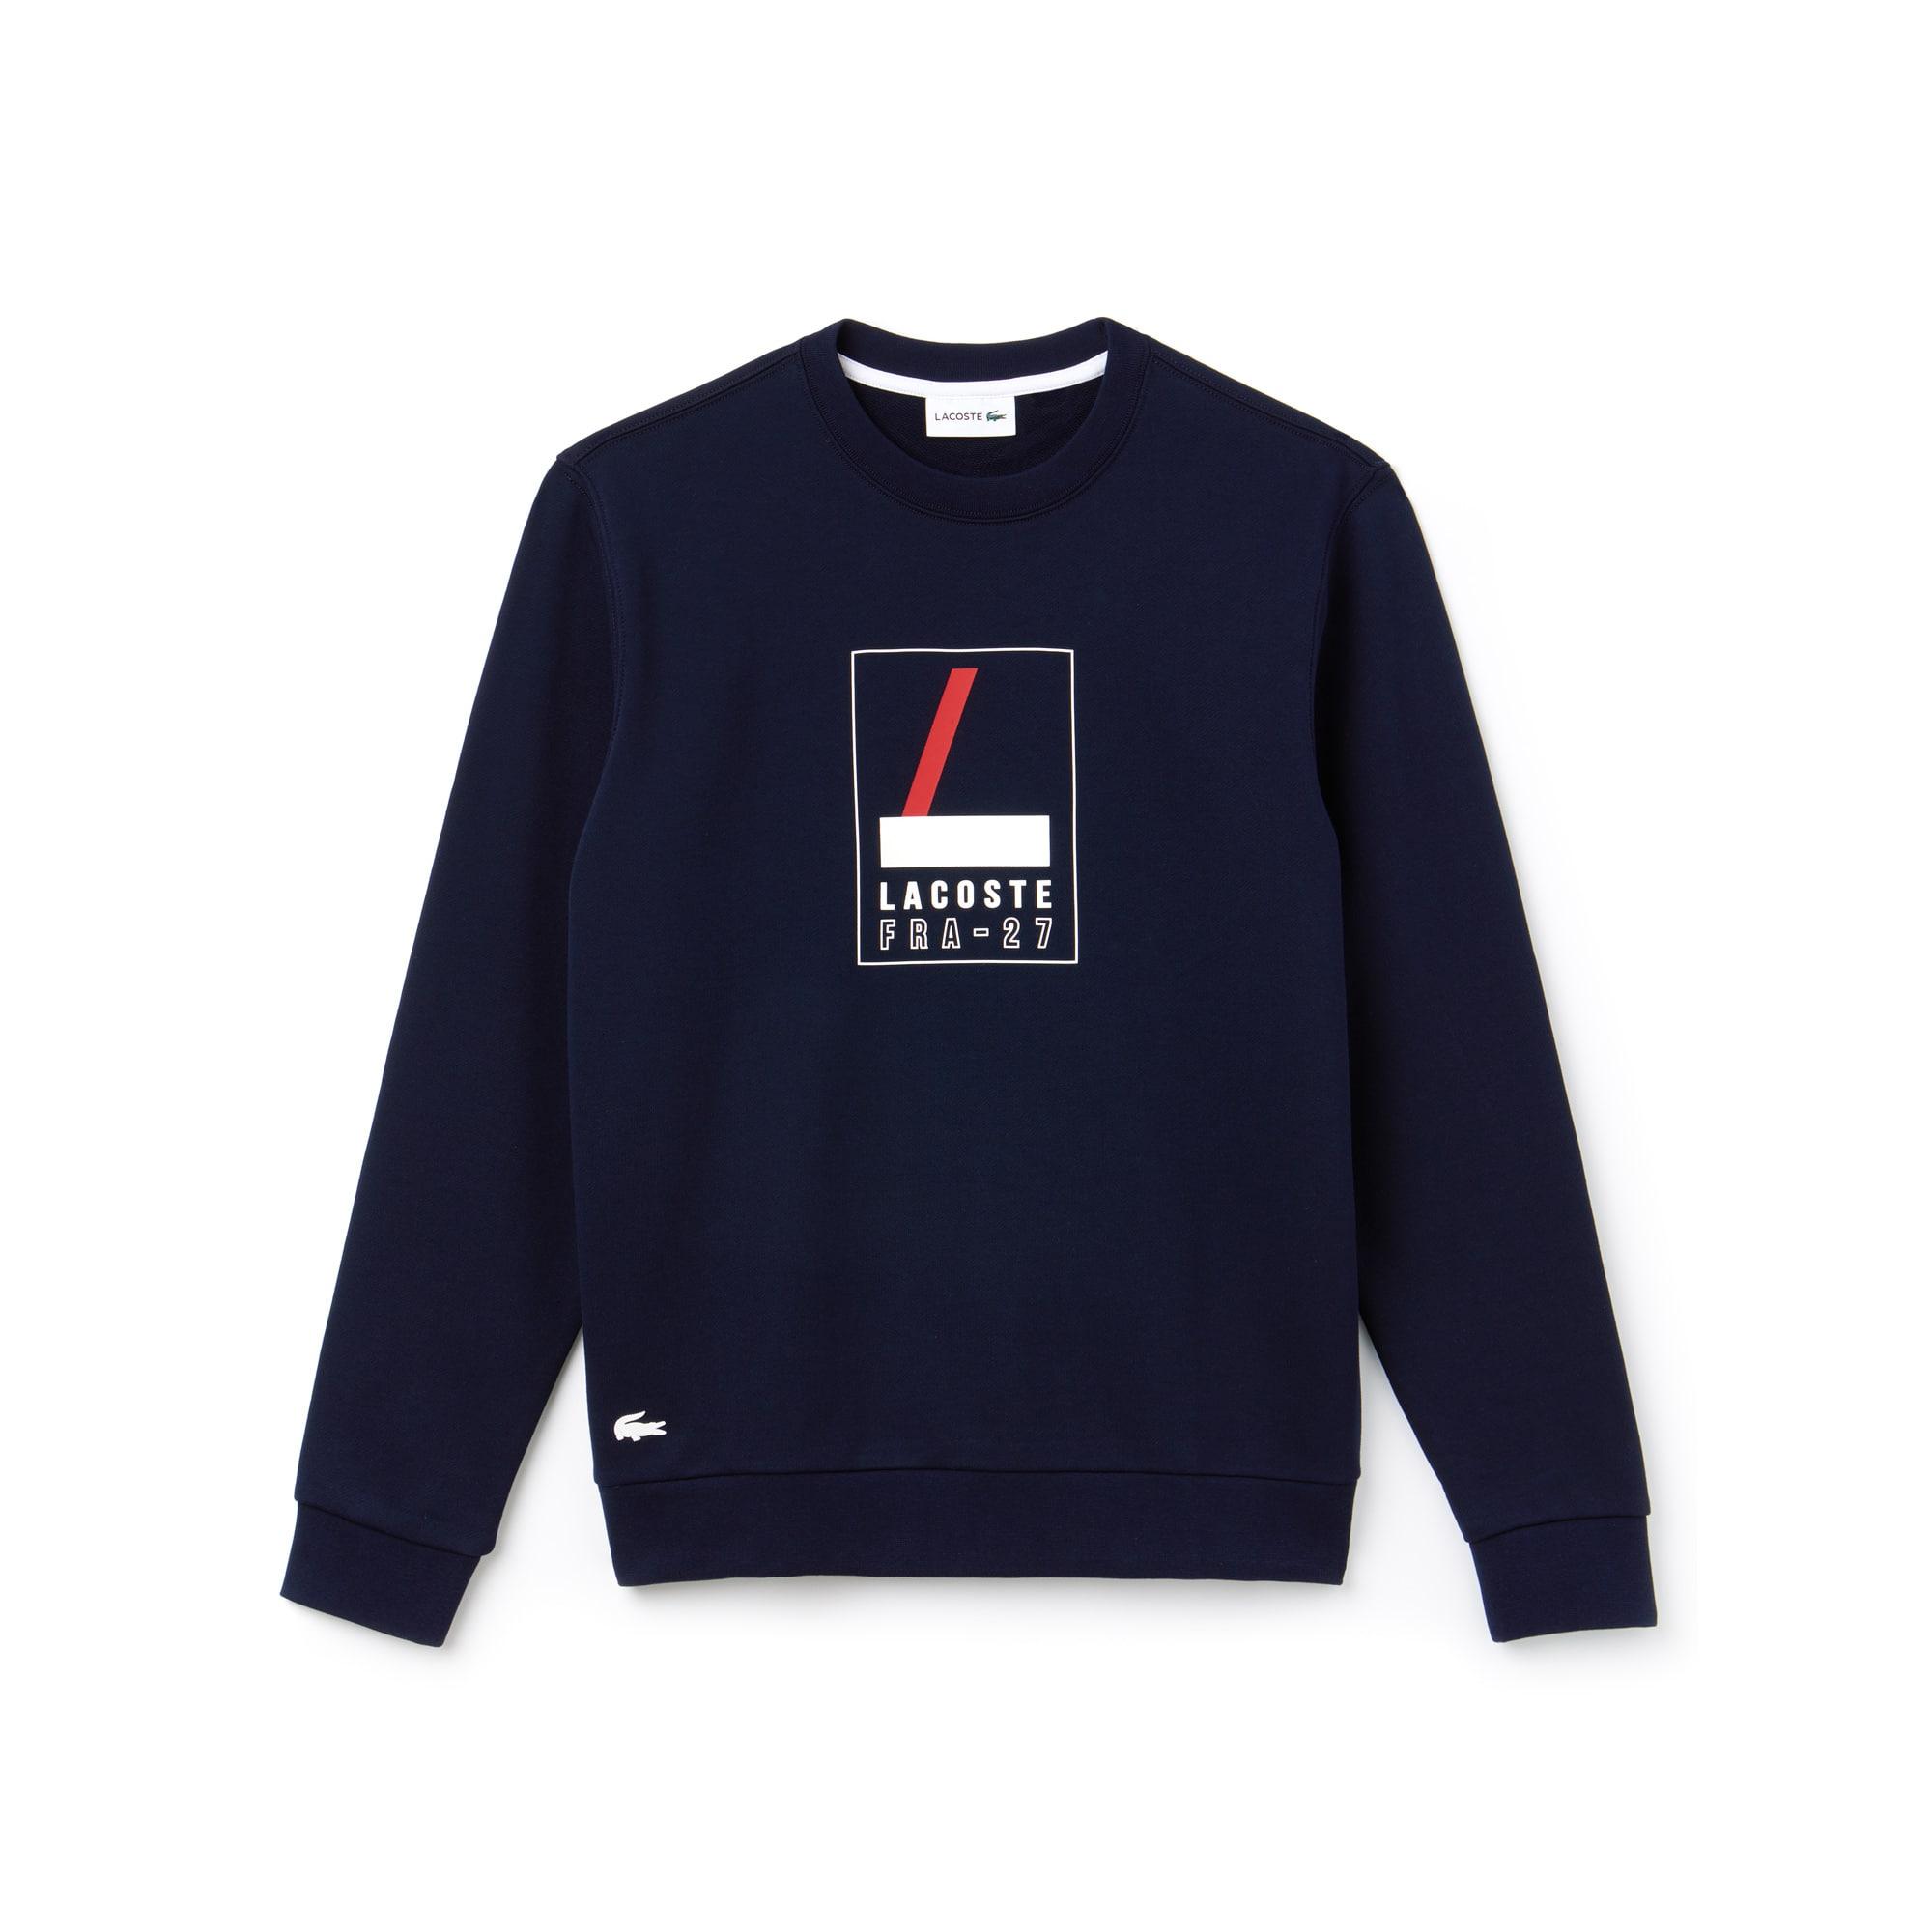 Herren-Rundhals-Sweatshirt aus Fleece mit Aufdruck